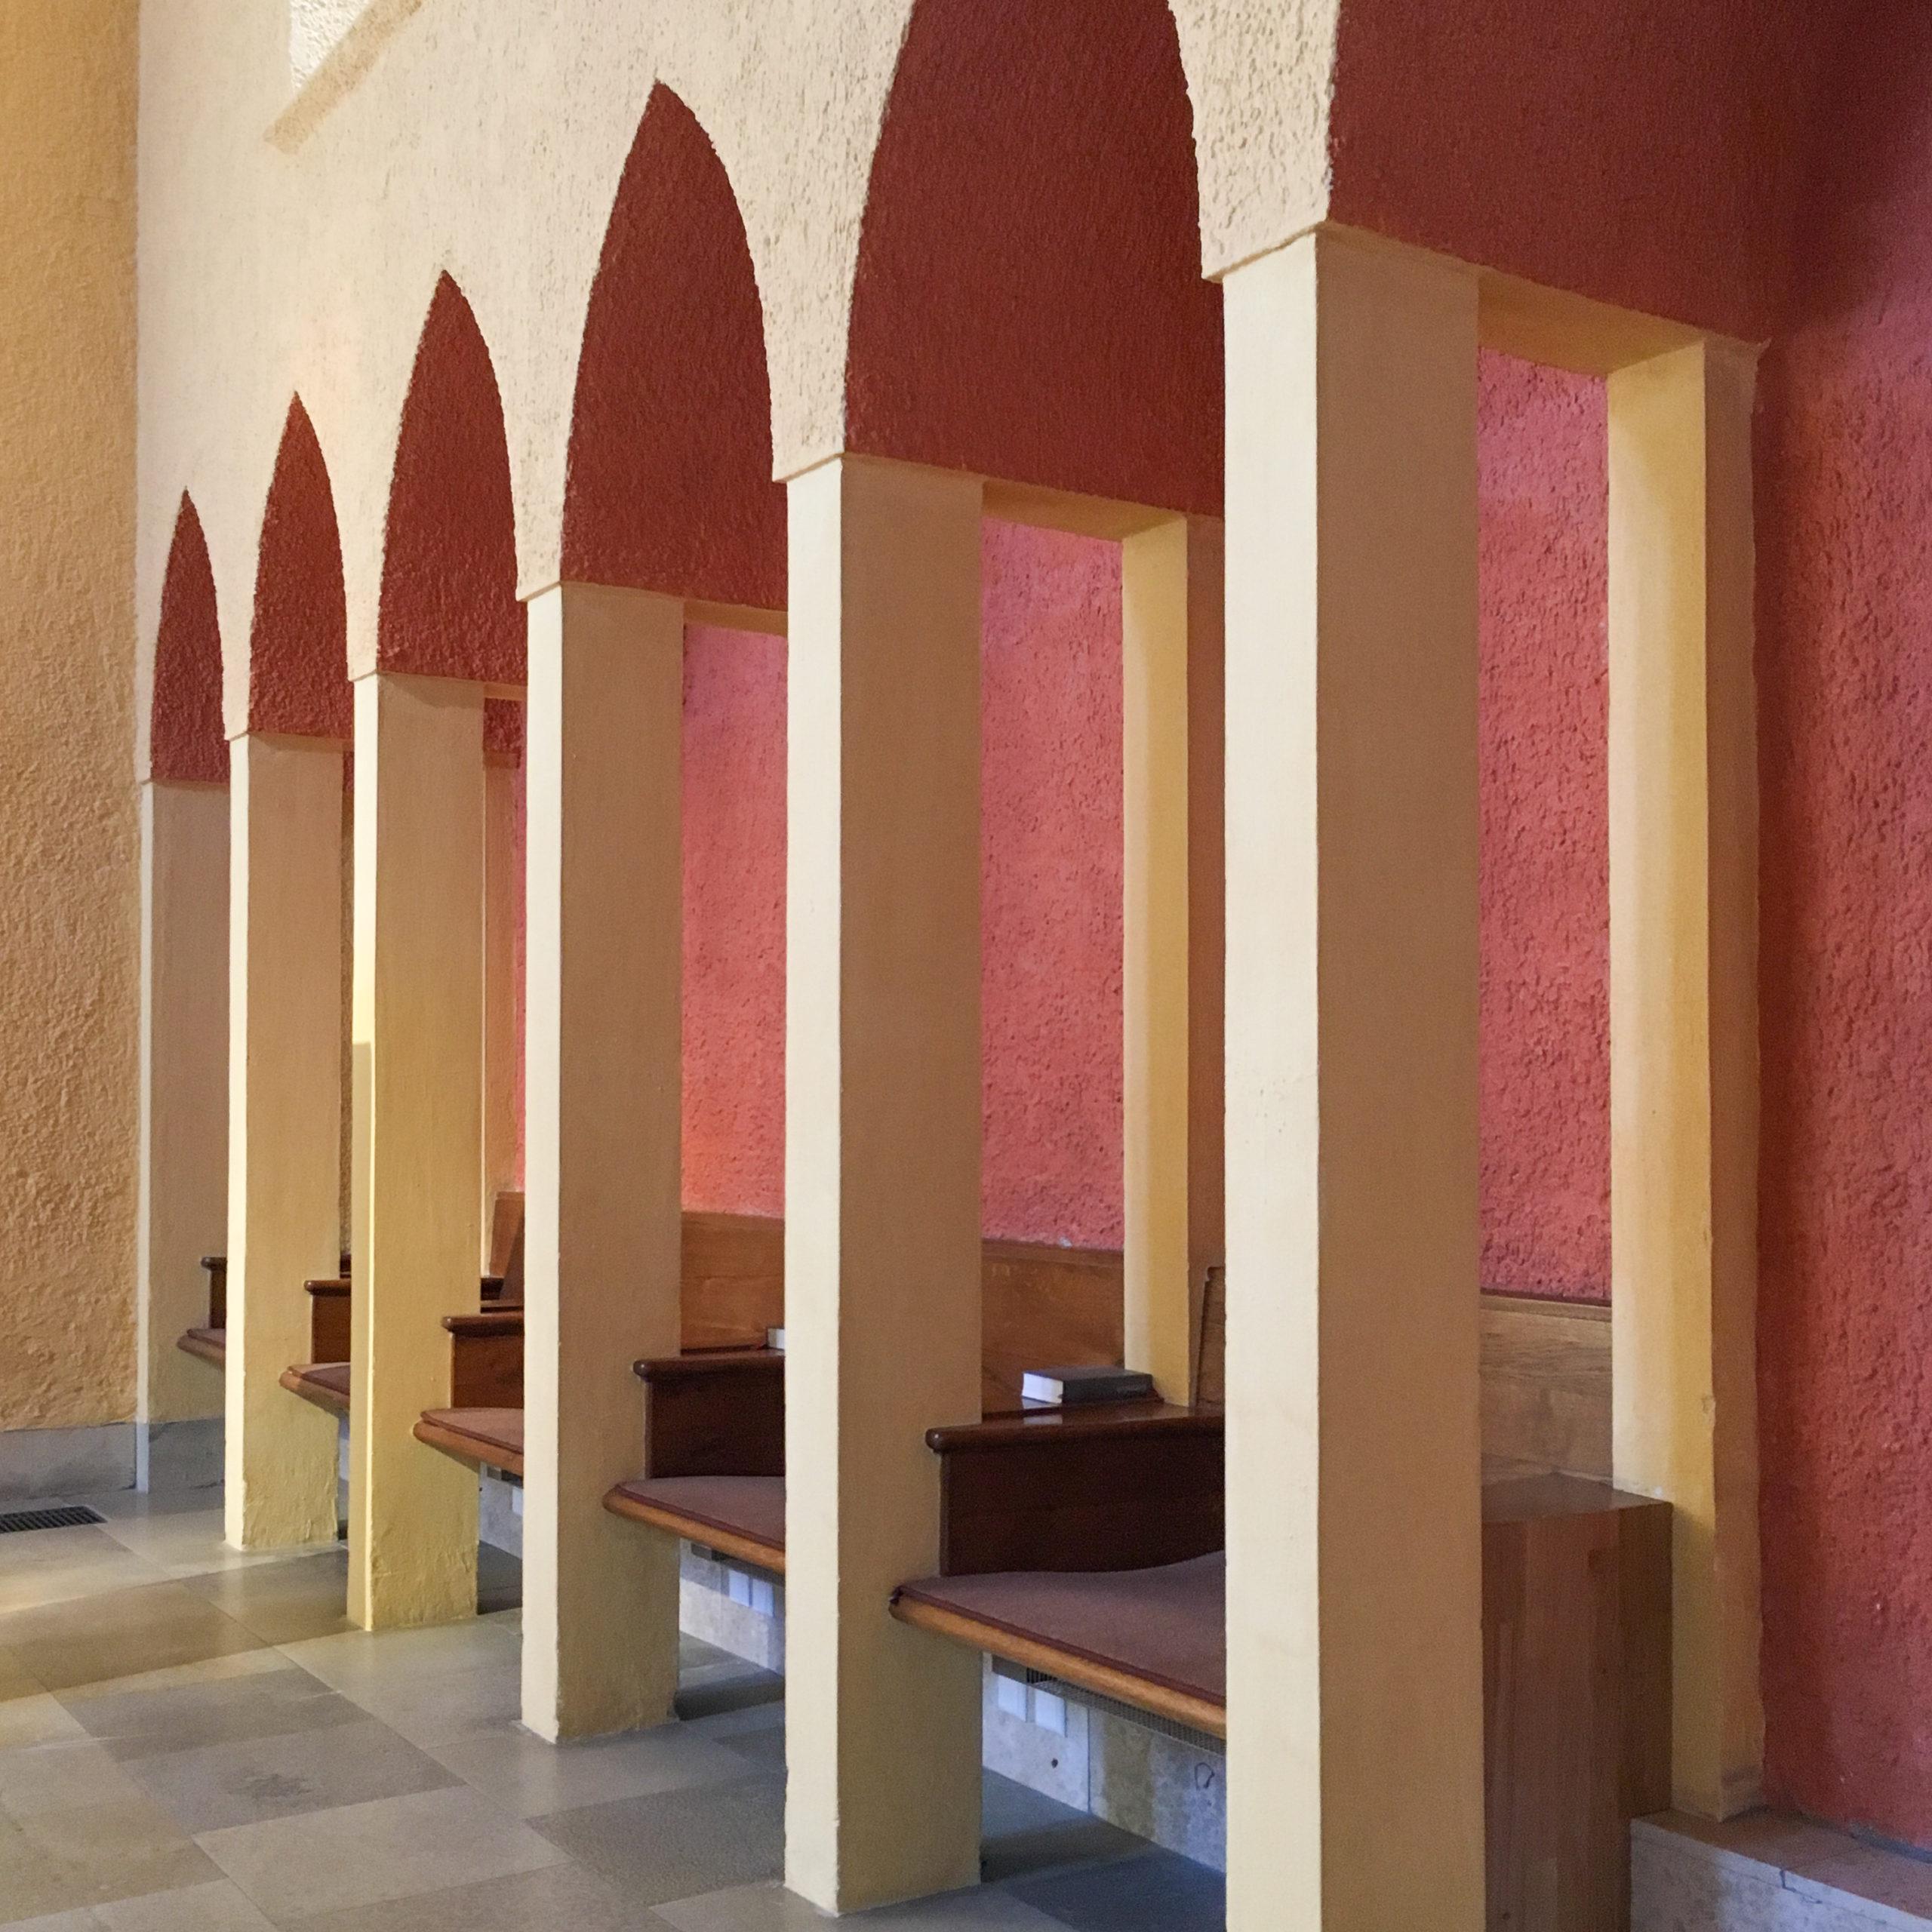 Sankt Petrus Canisius, 1927-1928. Architekten: Hugo Schlösser, Wilhelm Friedrich Laur